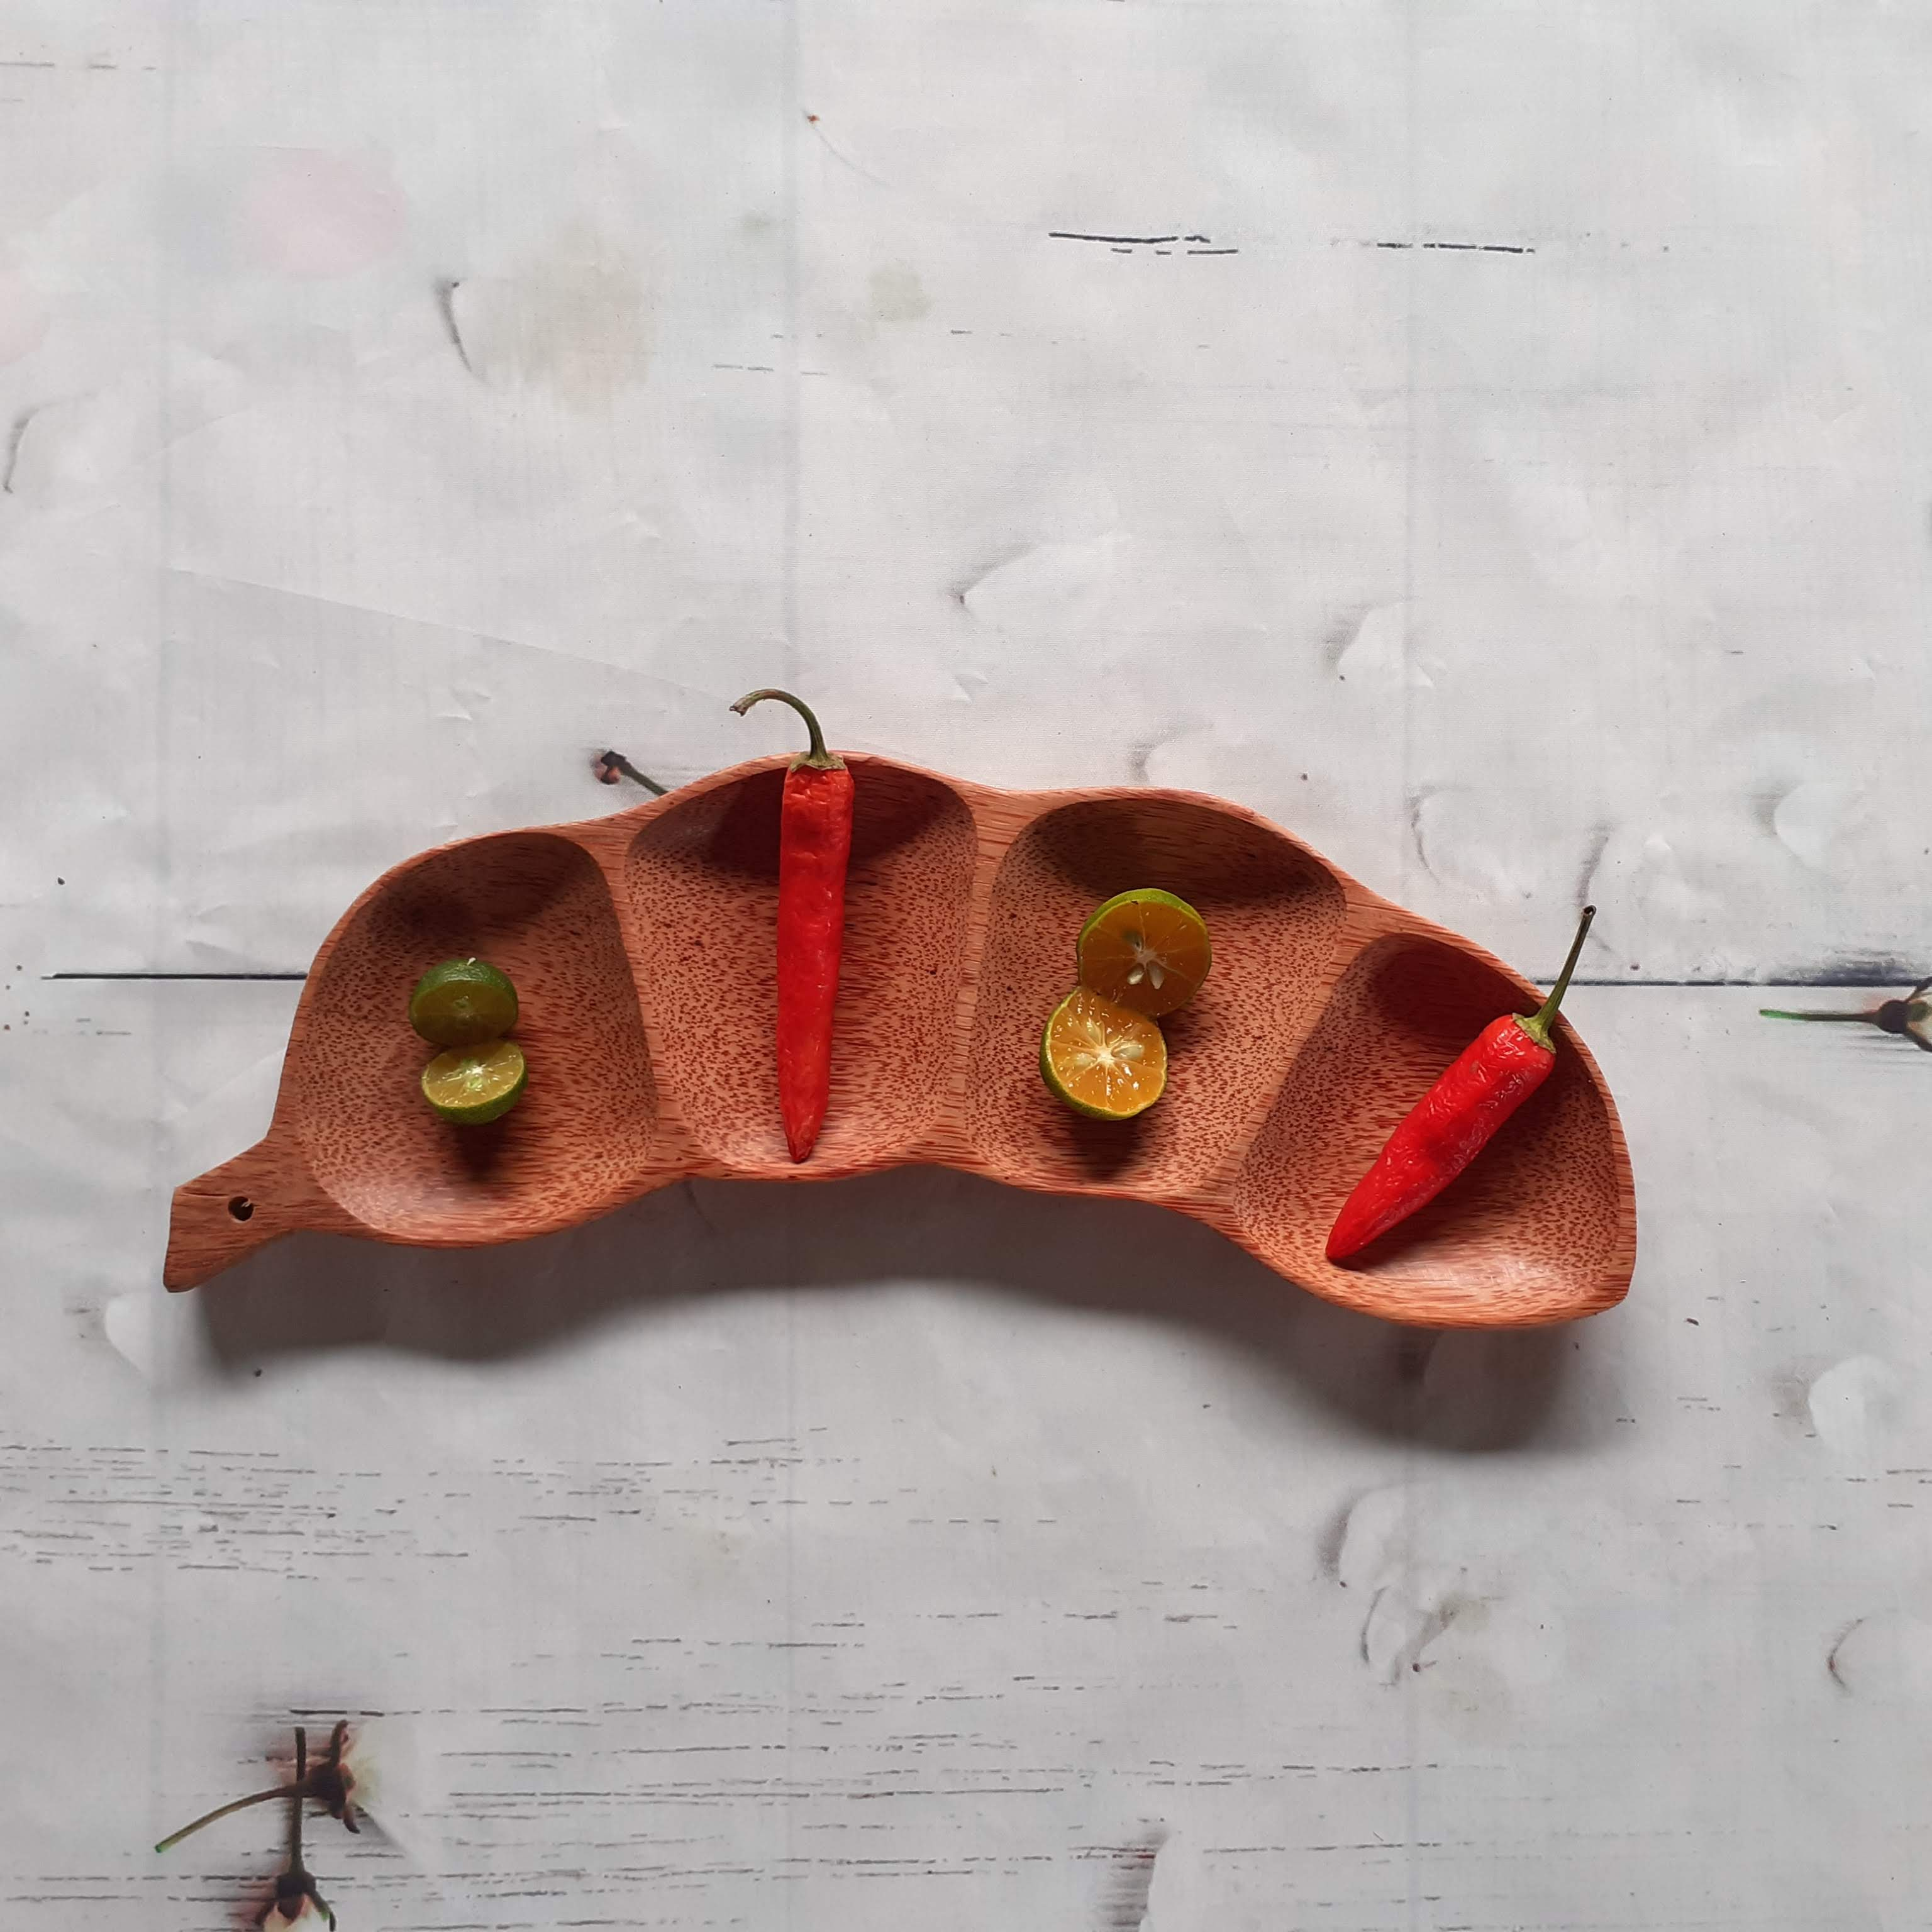 Bàn ăn đẹp nổi bật đầy tinh tế với những bộ đựng đồ ăn Gỗ siêu ấn tượng